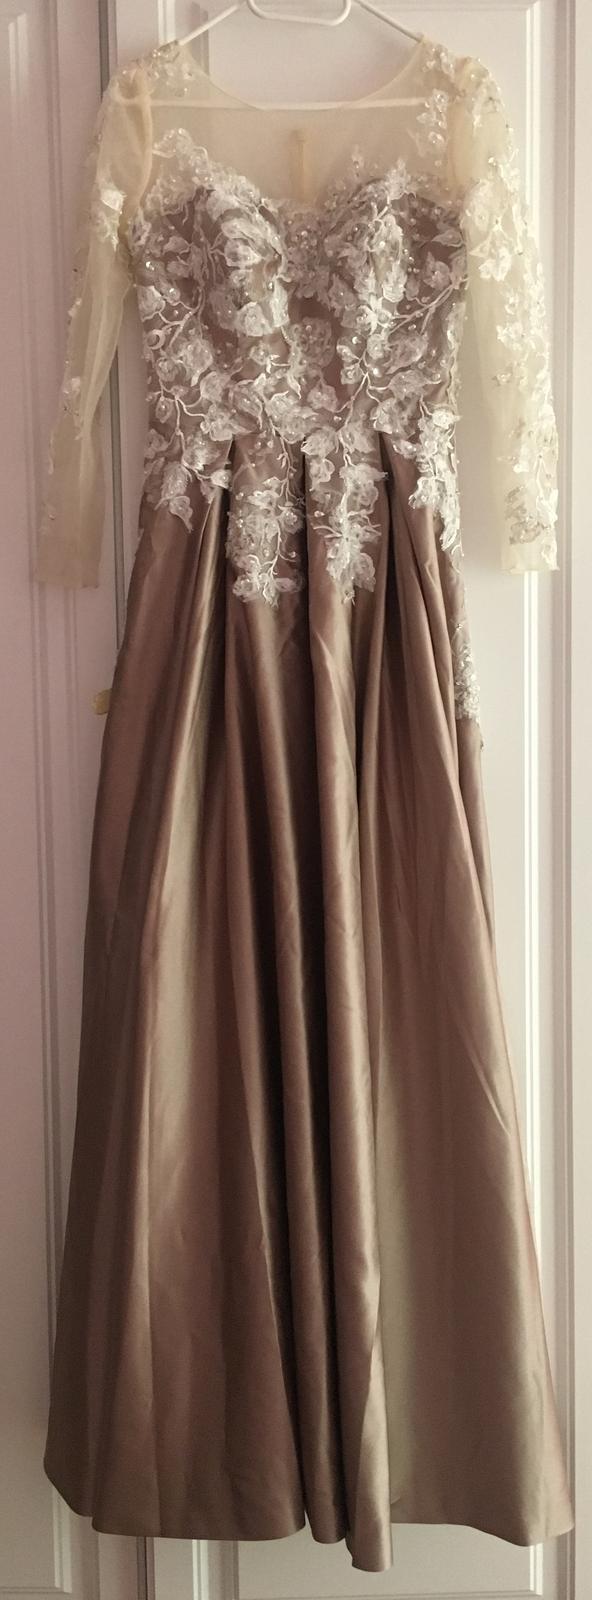 Plesové šaty s čipkou 34/36 - Obrázok č. 1